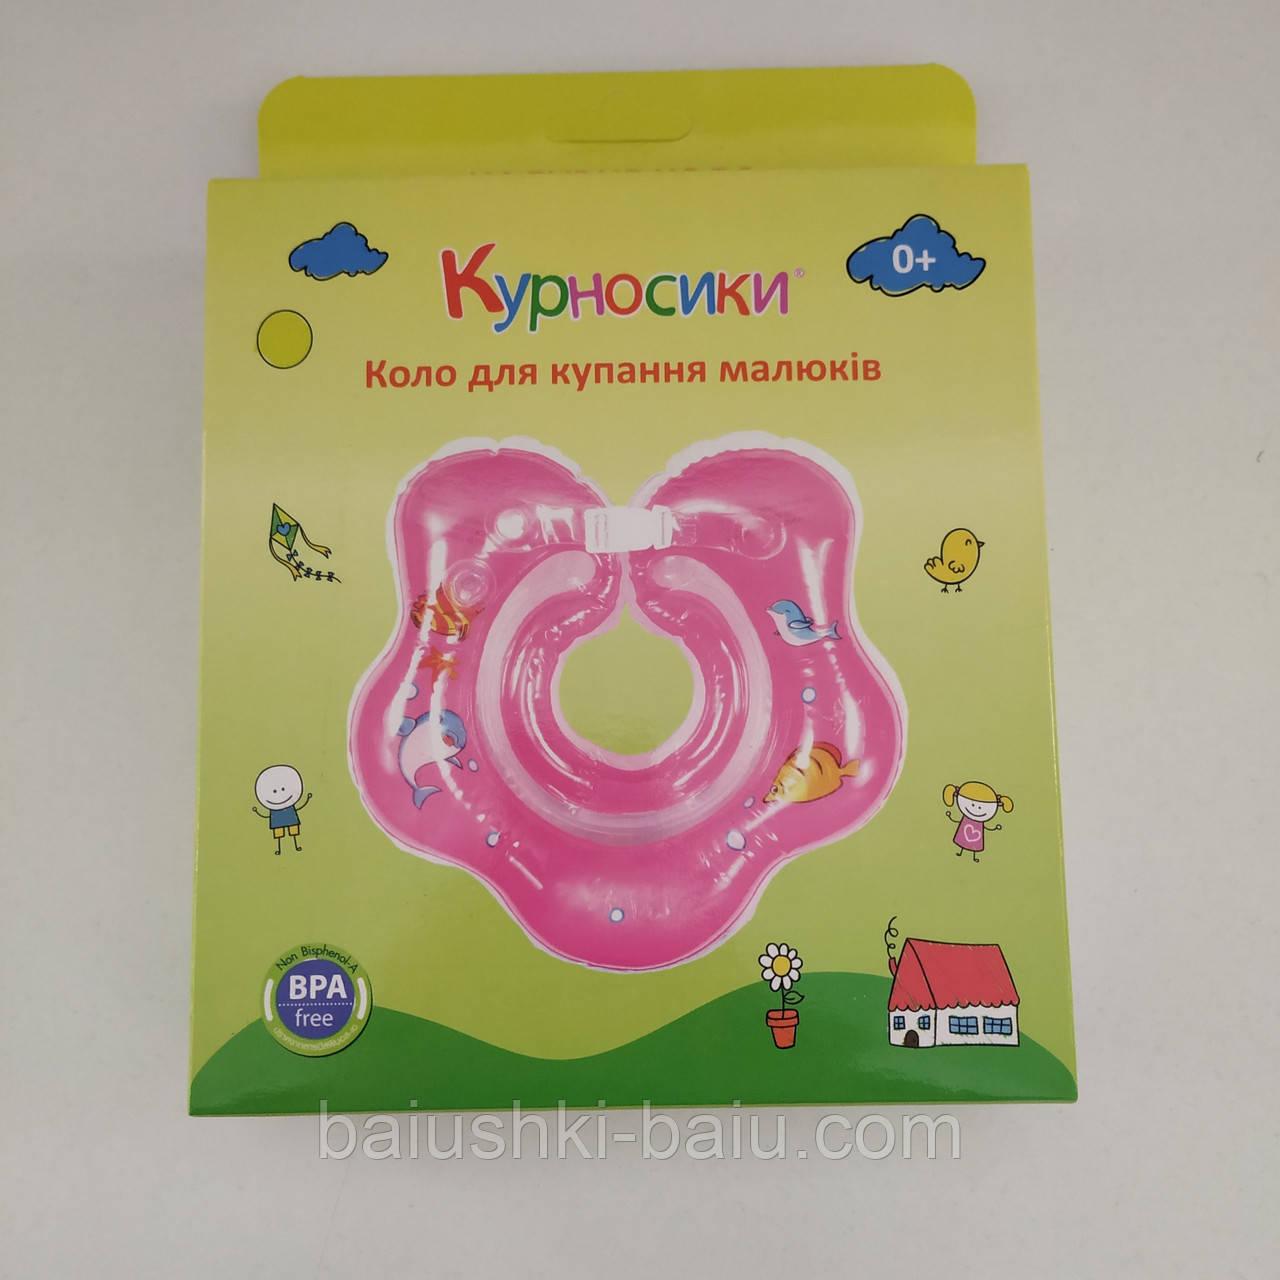 Круг для купания новорожденных в коробке, ТМ Курносики